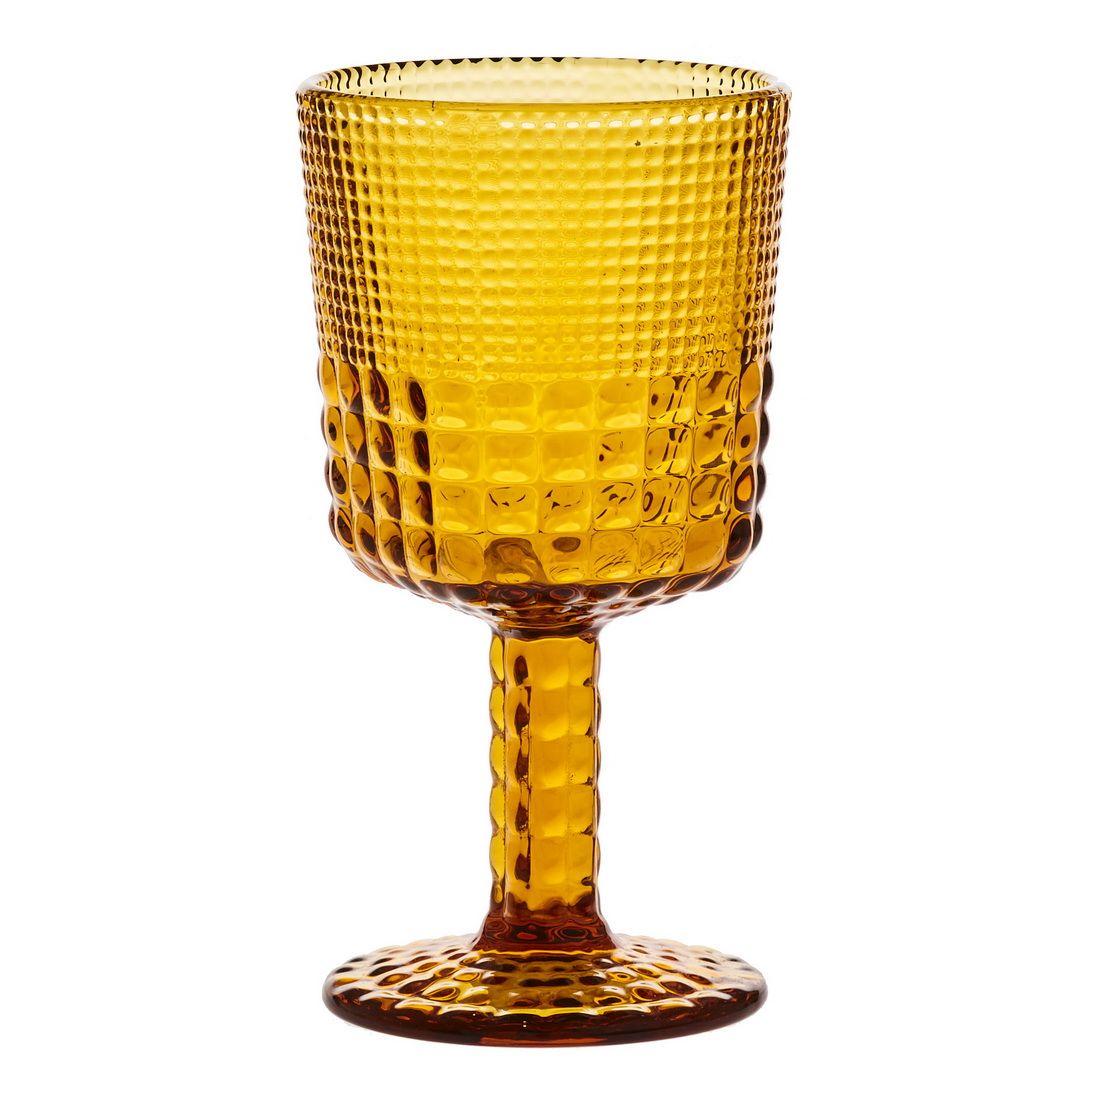 Бокал для вина Royal drops, янтарьБокал для вина Royal drops, выполненный из стекла янтарного цвета, понравится и женщинам и мужчинам. Дамы определенно будут впечатлены необыкновенной игрой света, которая будет появляться на поверхности напитка благодаря оригинальному рельефу стенок фужера. Мужчин же порадует форма бокала, напоминающая очертаниями средневековые кубки – с ним в руке так легко будет почувствовать себя настоящим рыцарем или лордом.С точки зрения функциональность Royal drops предстает удобным и надежным столовым прибором. Высокая и толстая ножка бокала позволяет держать его в руке подолгу не испытывая дискомфорта, а широкое основание не даст ему упасть от неосторожного движения.<br>